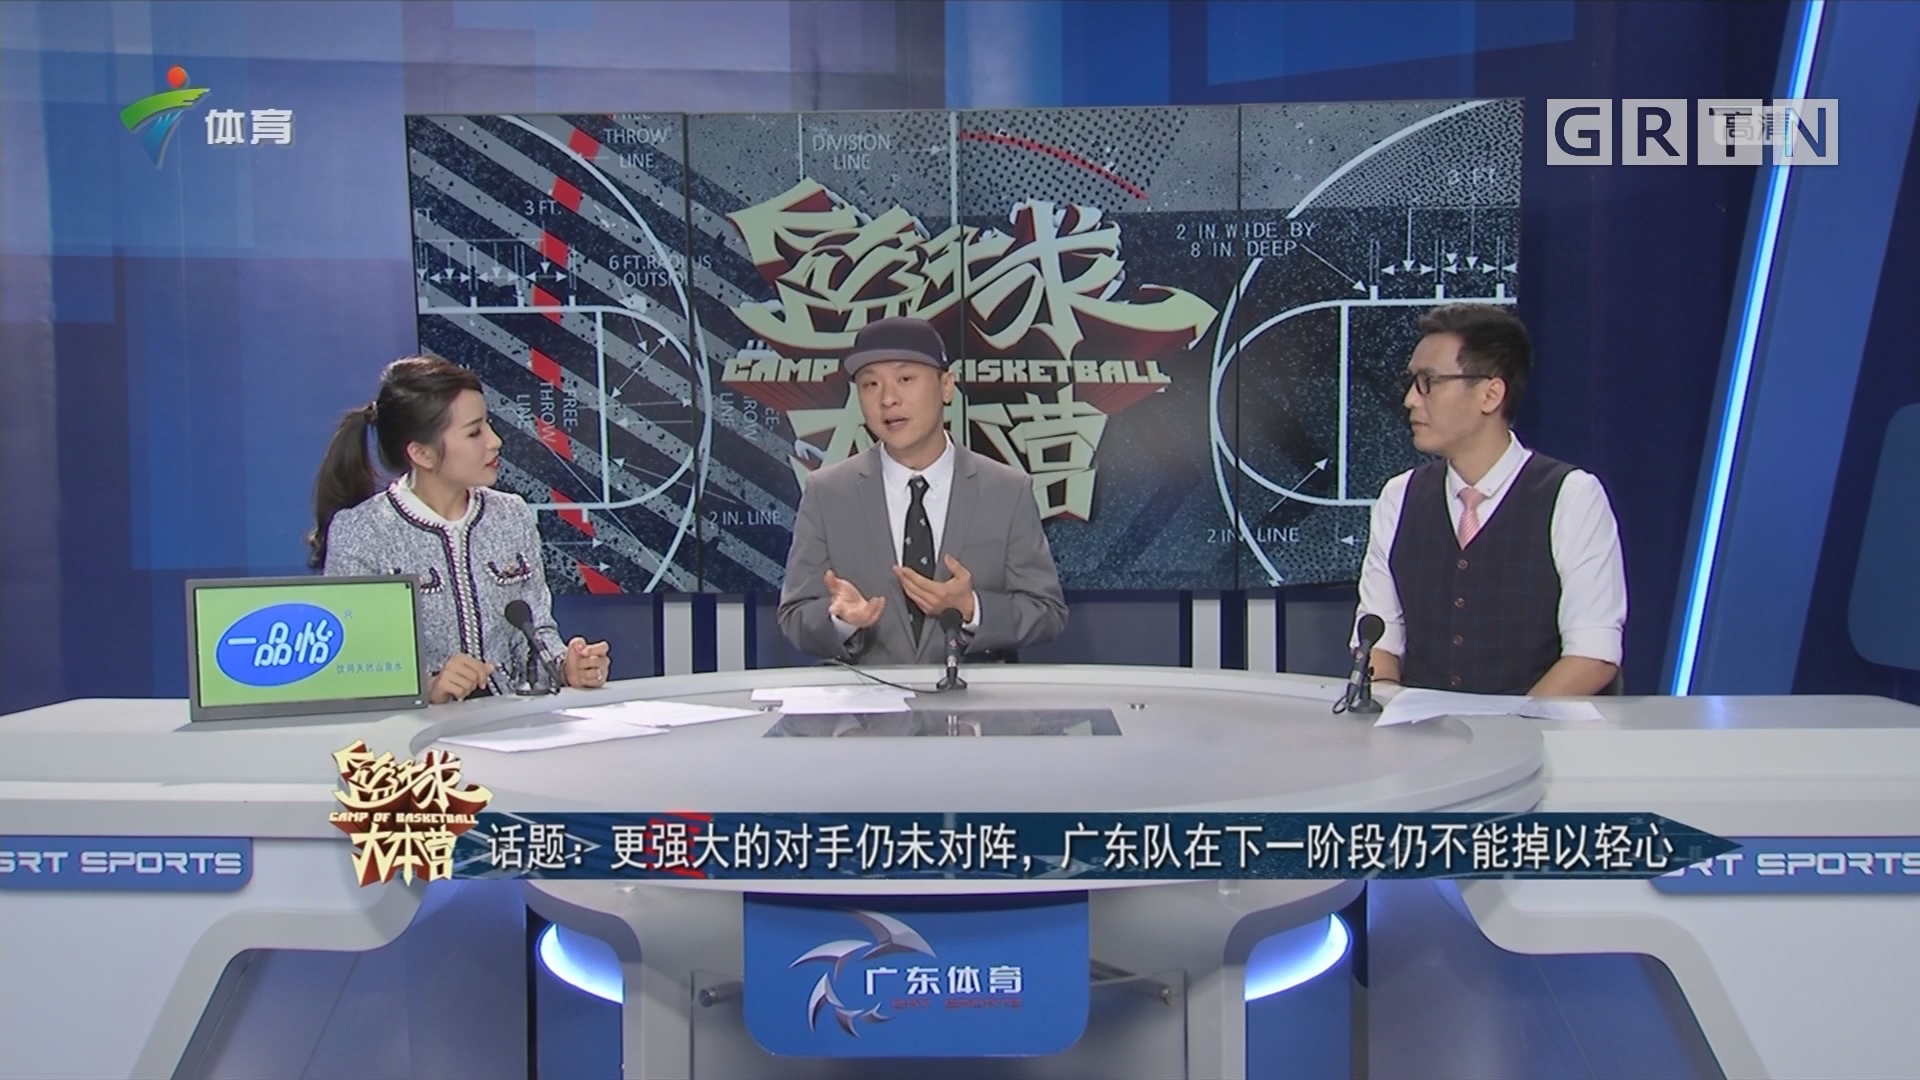 话题:更强大的对手仍未对阵,广东队在下一阶段仍不能掉以轻心